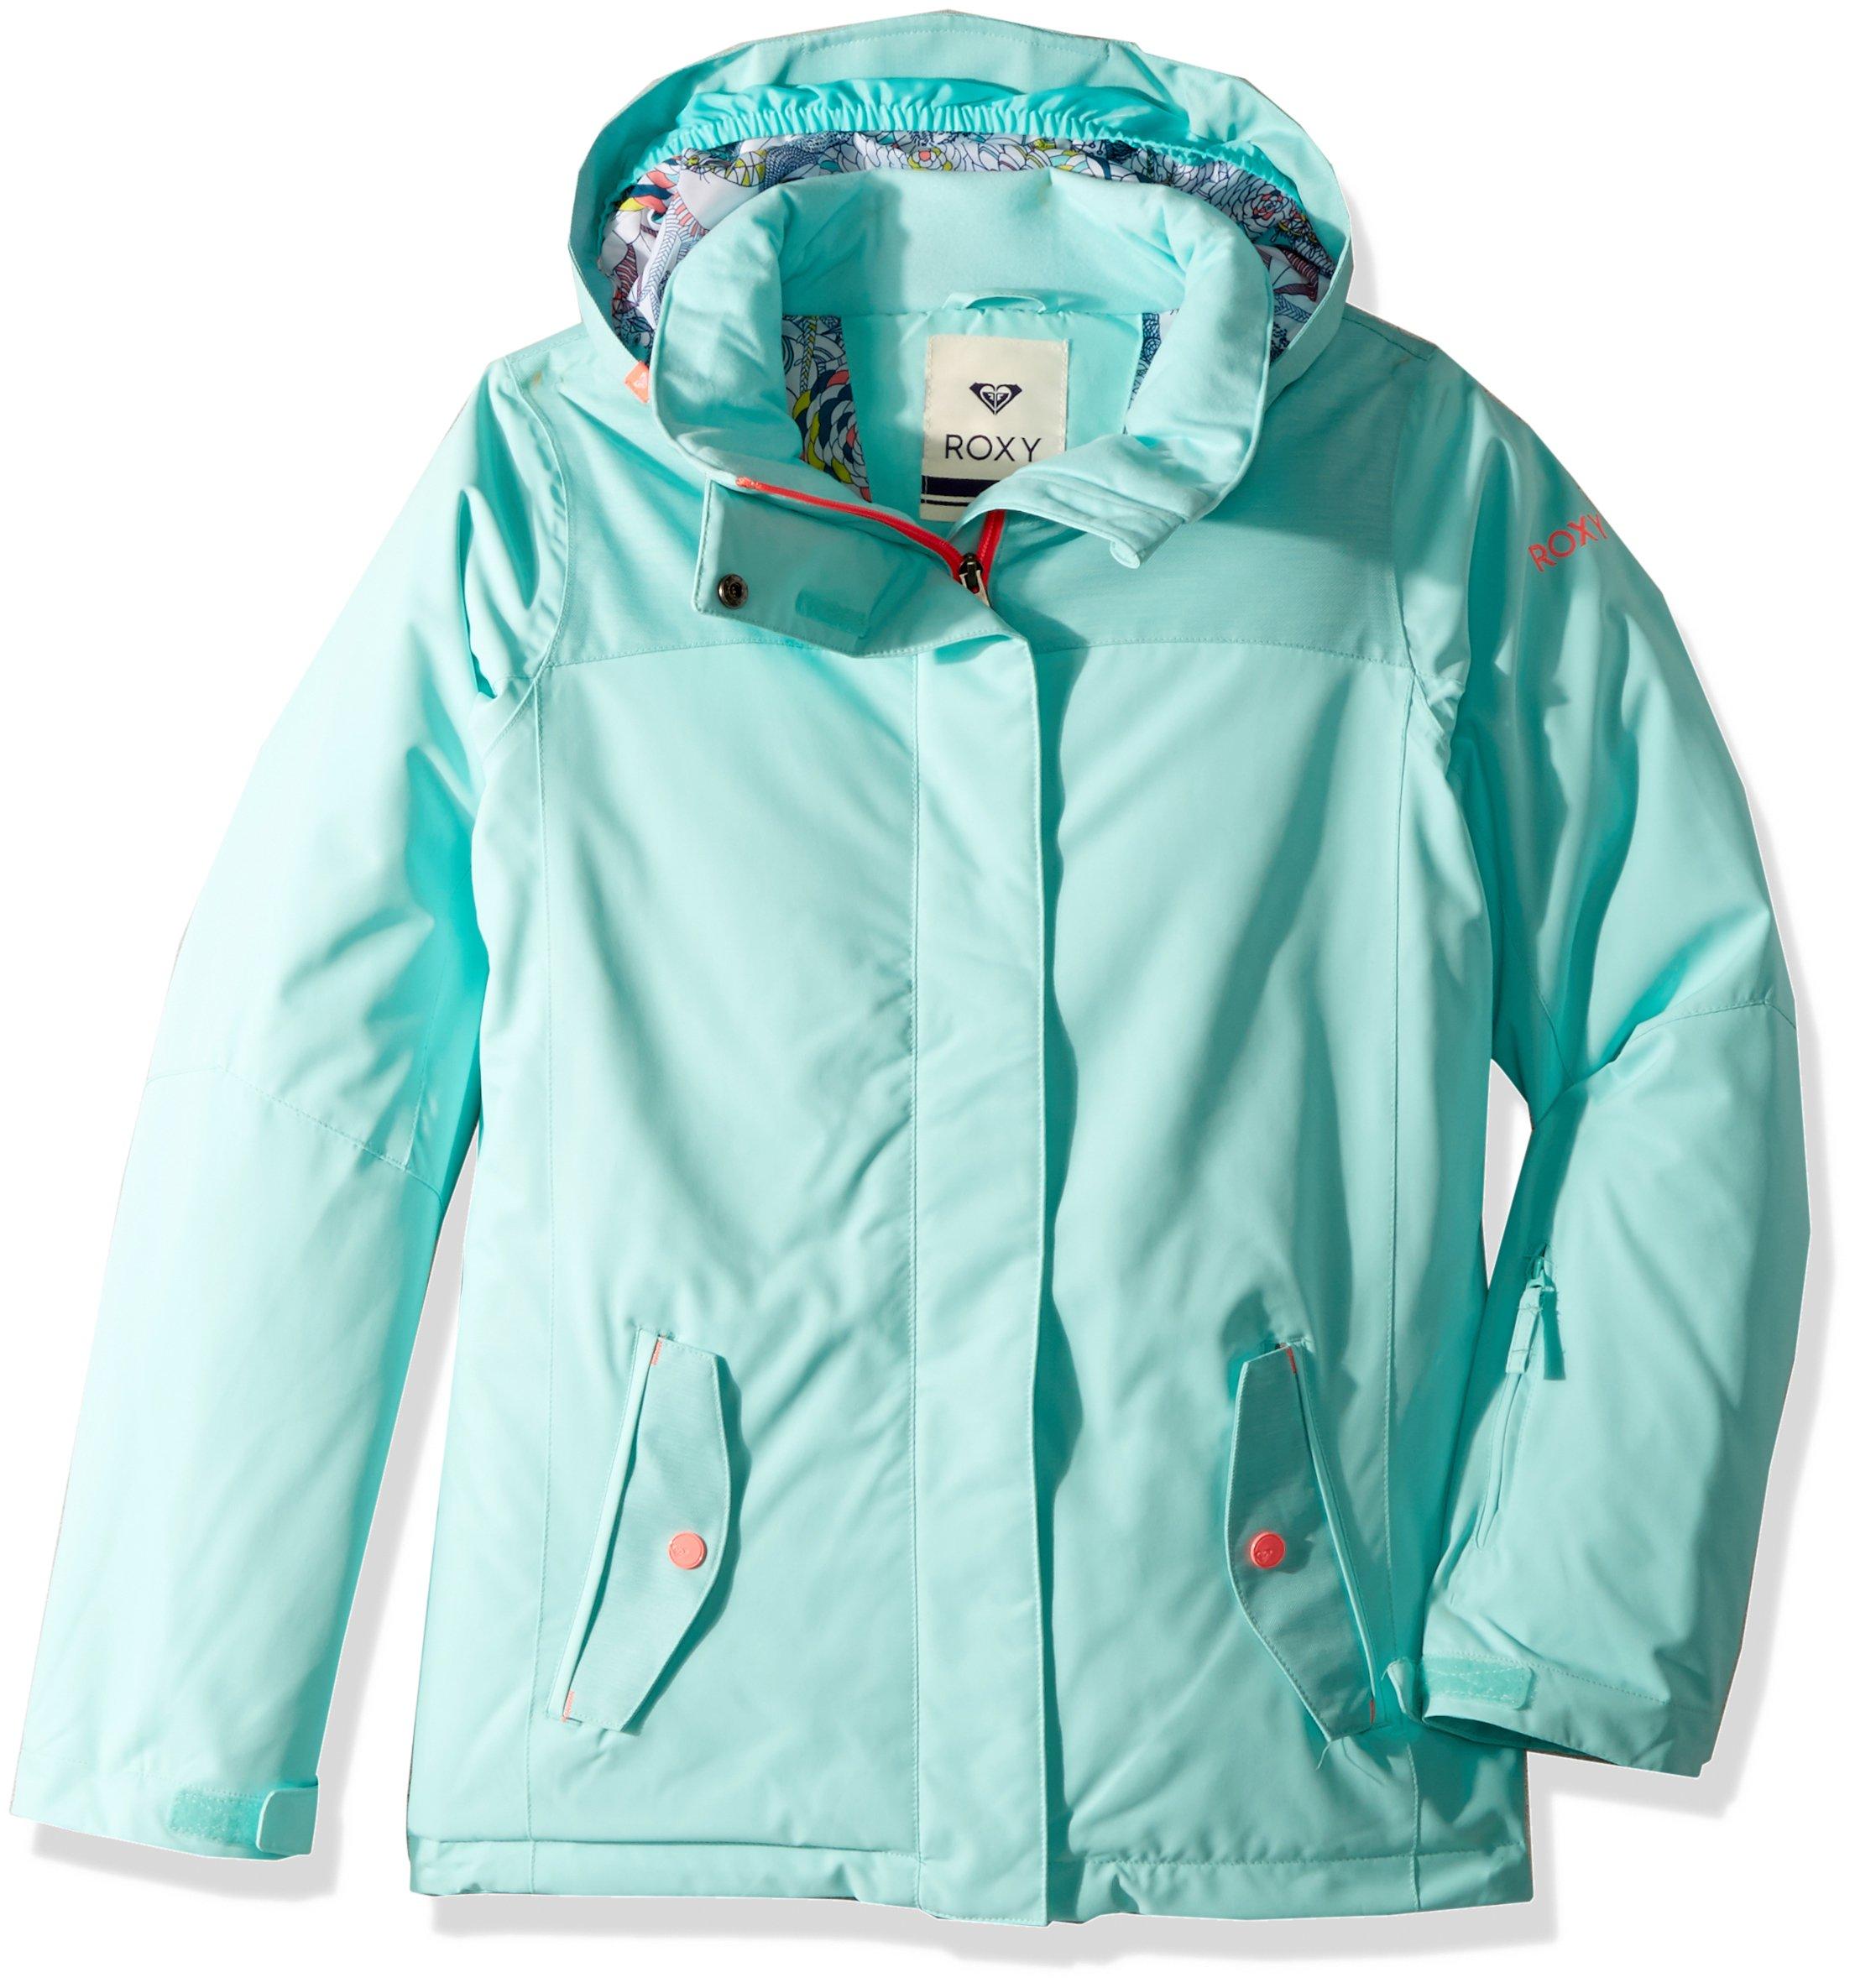 Roxy Big Girls' Jetty Solid Snow Jacket, Aruba Blue, 14/XL